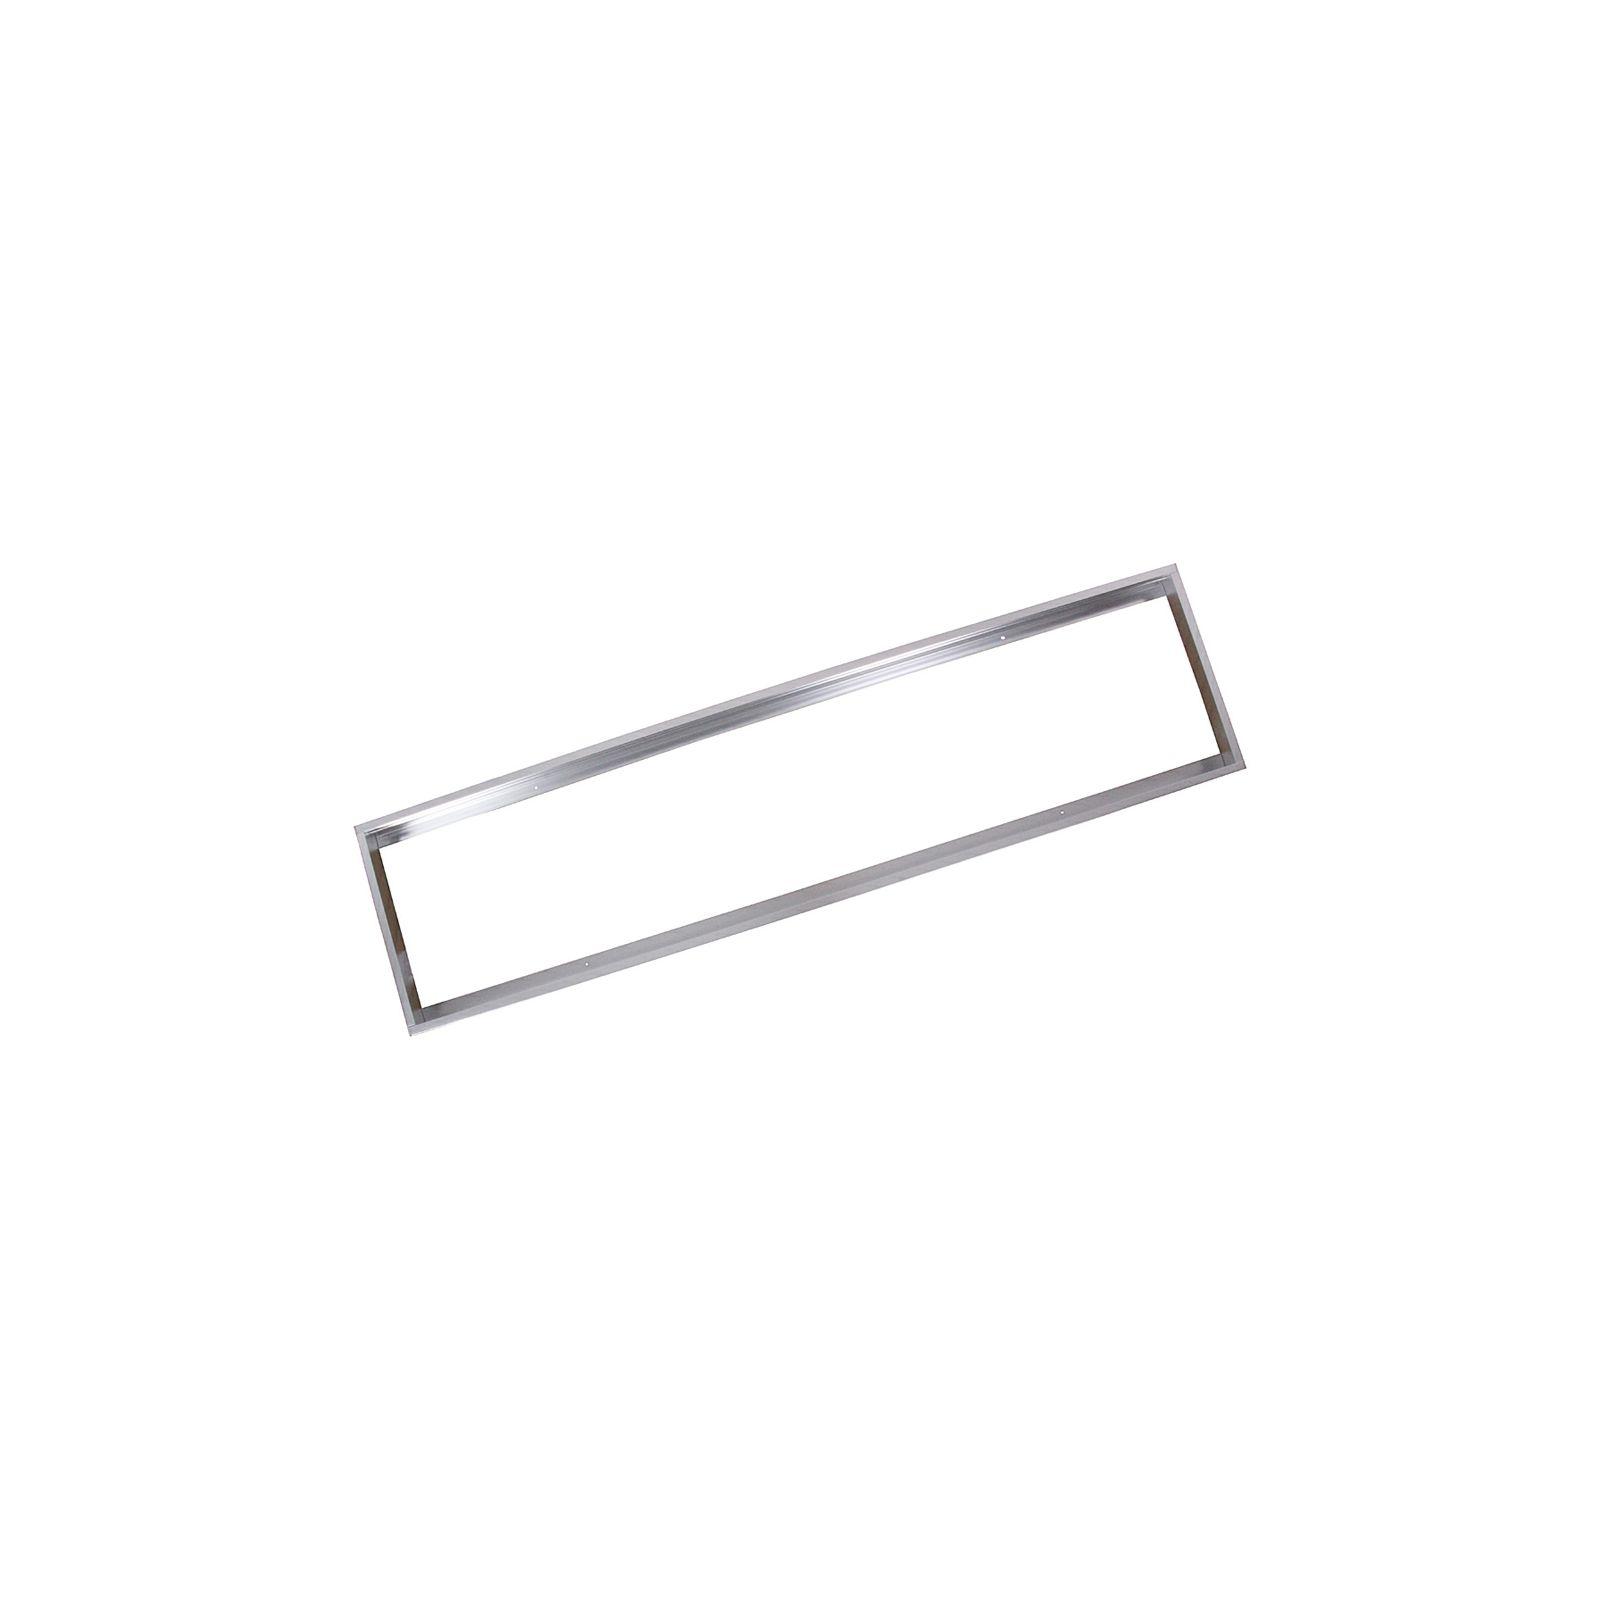 Patona Frame for LED Panel Aluminium 1200x300x50mm Aluminijski frame za LED panel 120x30x5cm